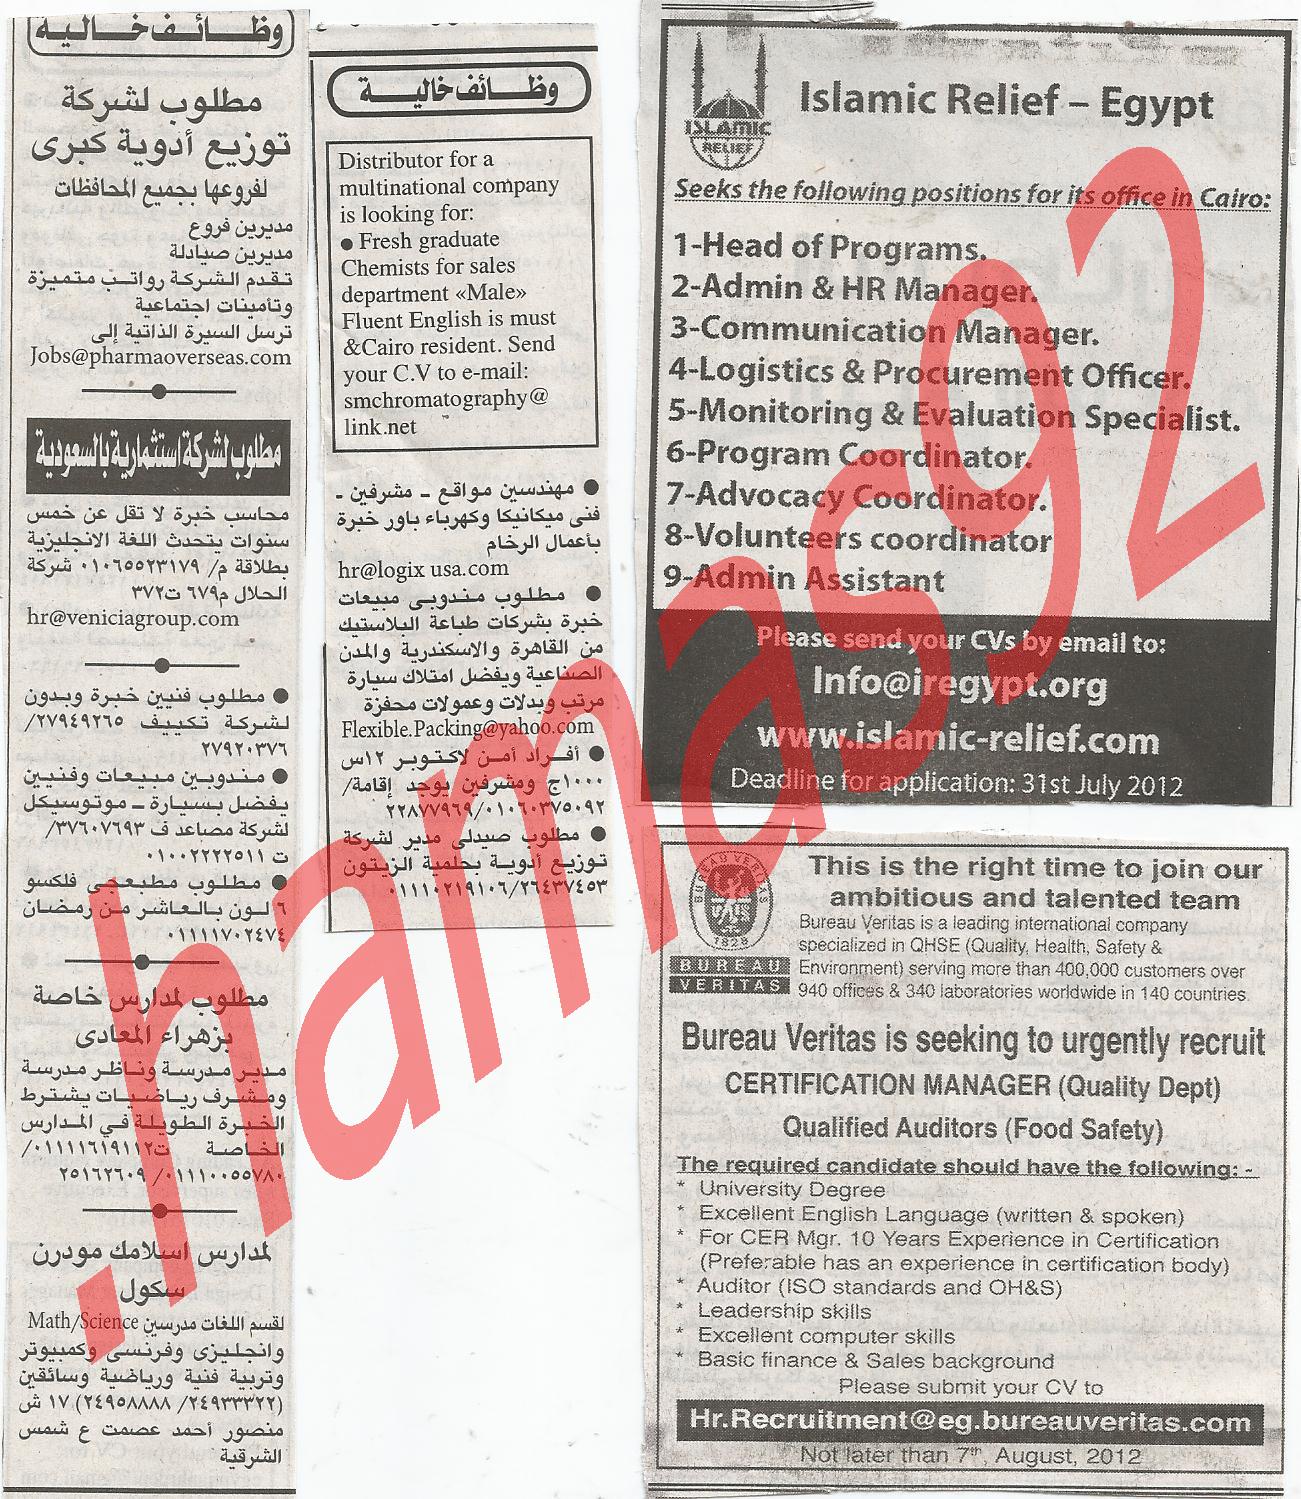 وظائف جريدة الاهرام الجمعة 20/7/2012 - الاعلانات كاملة 8